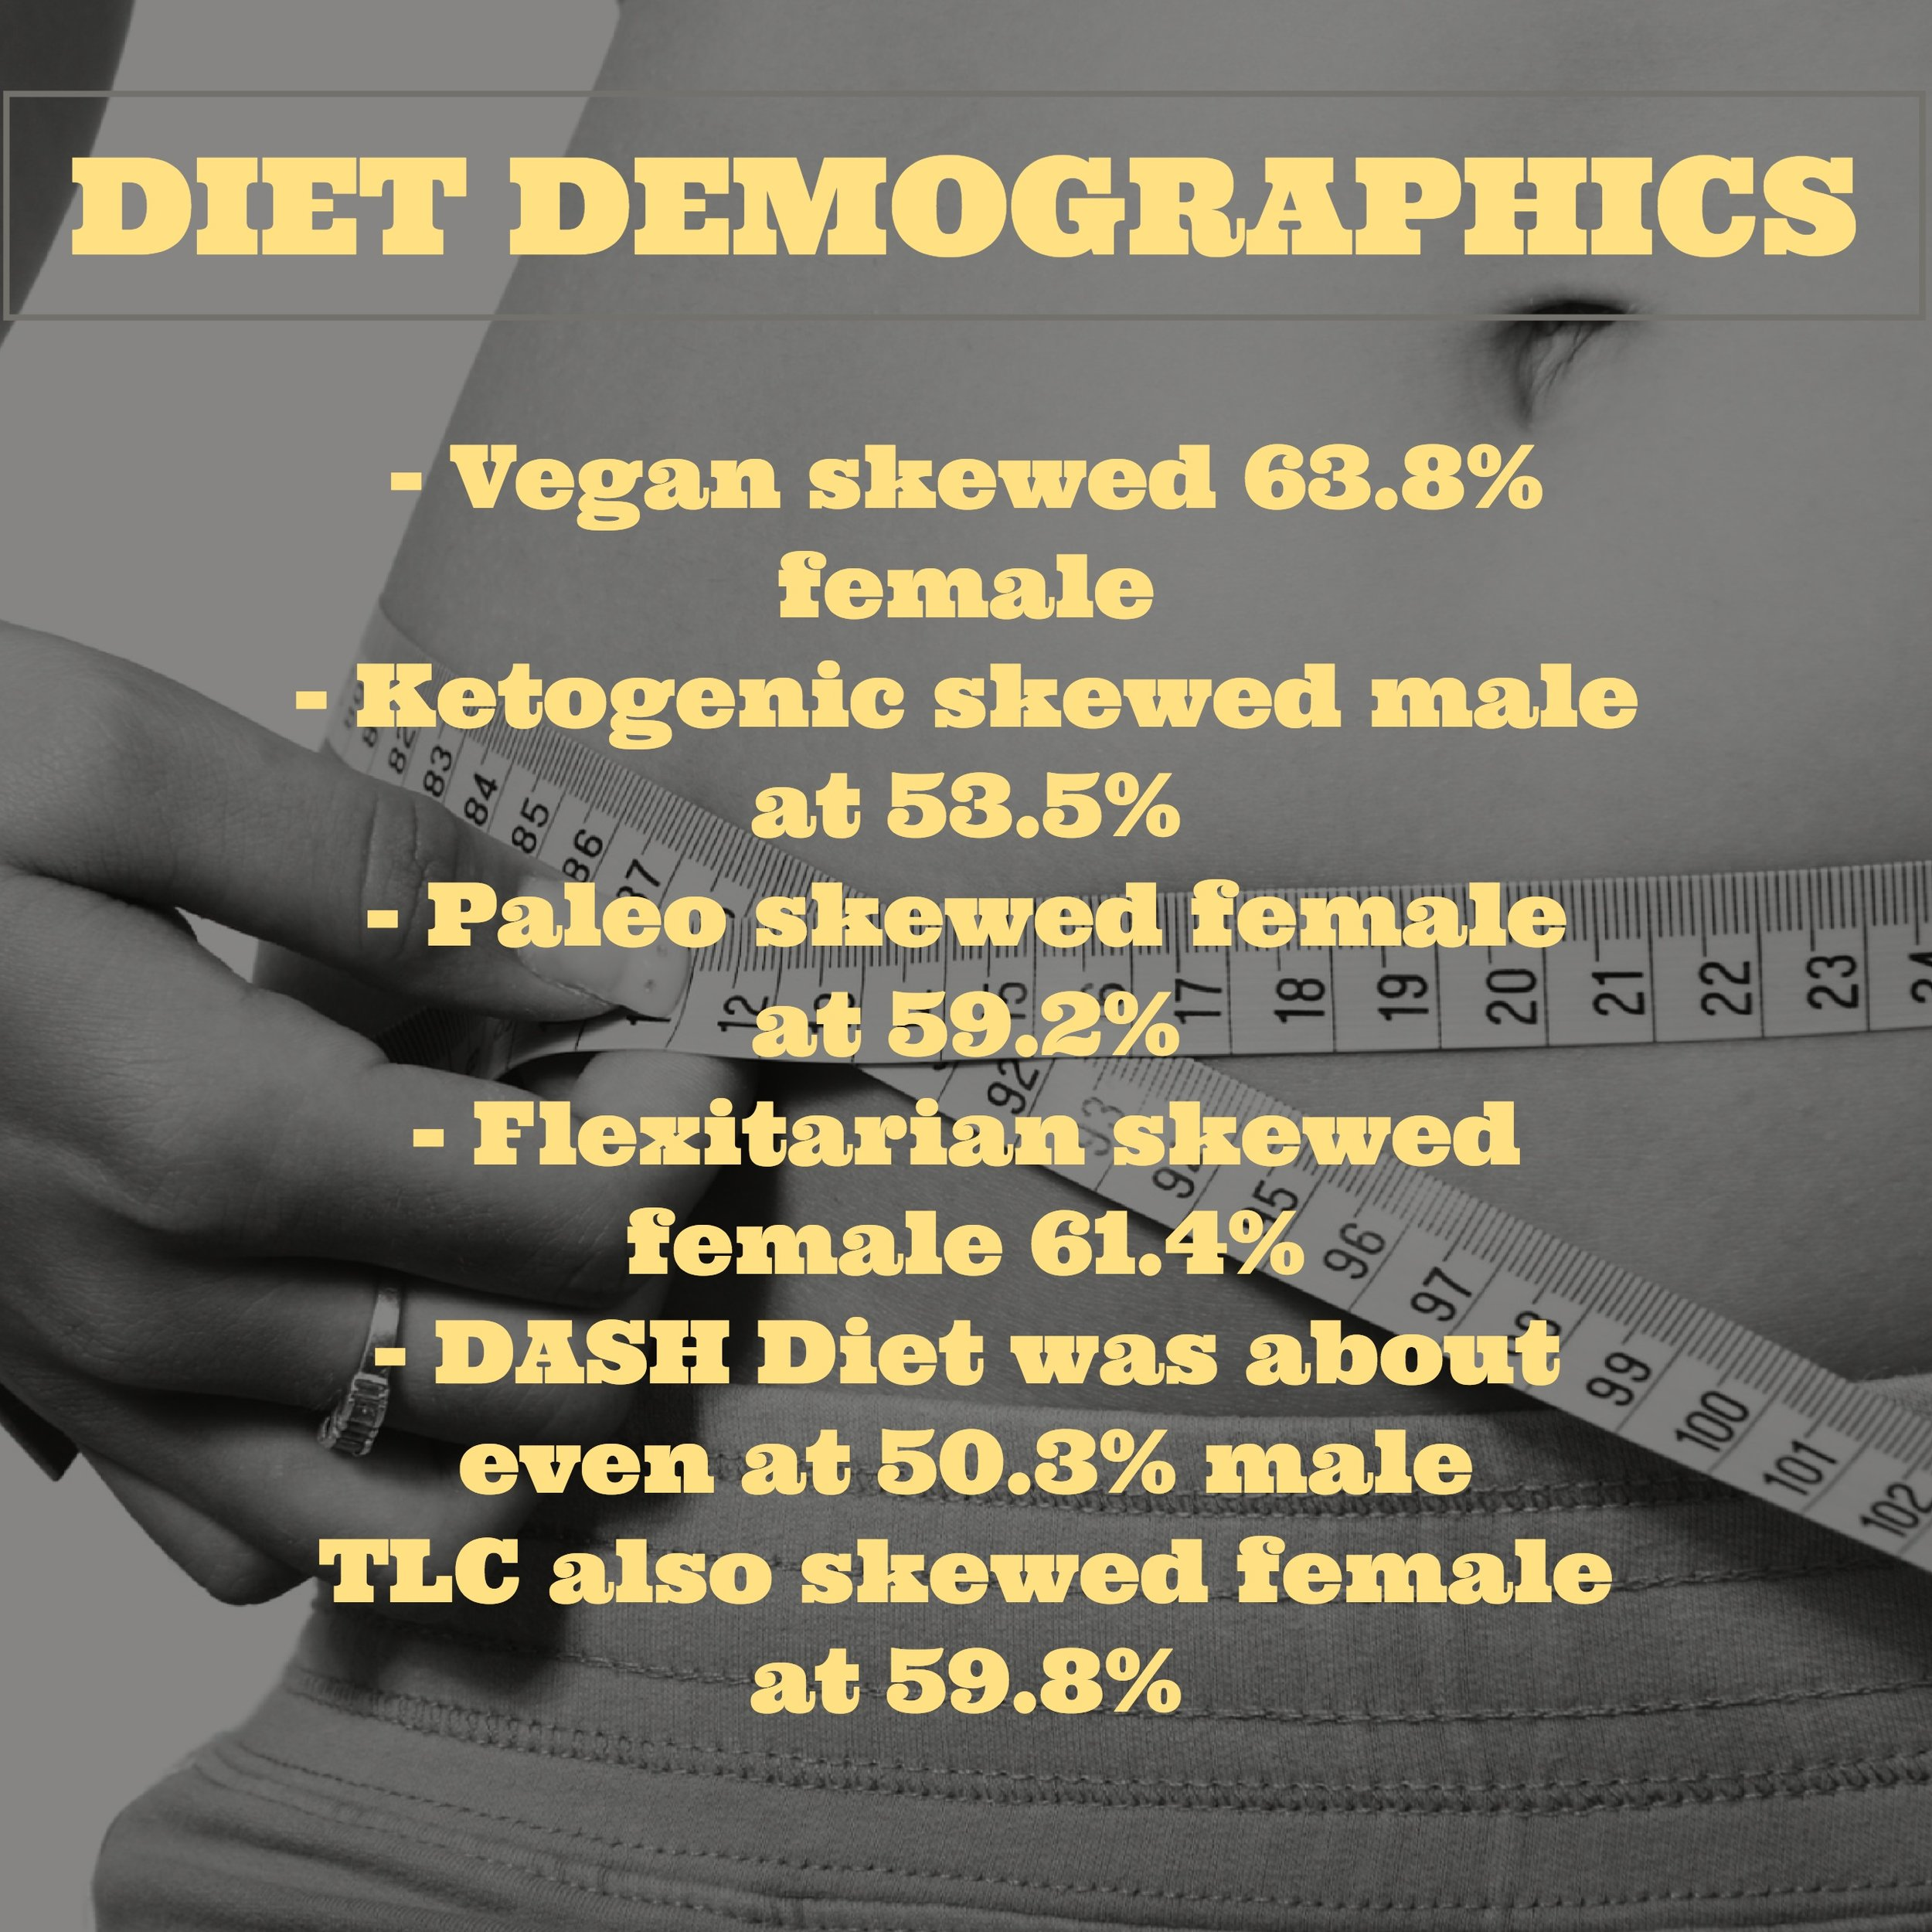 Diet Demographics